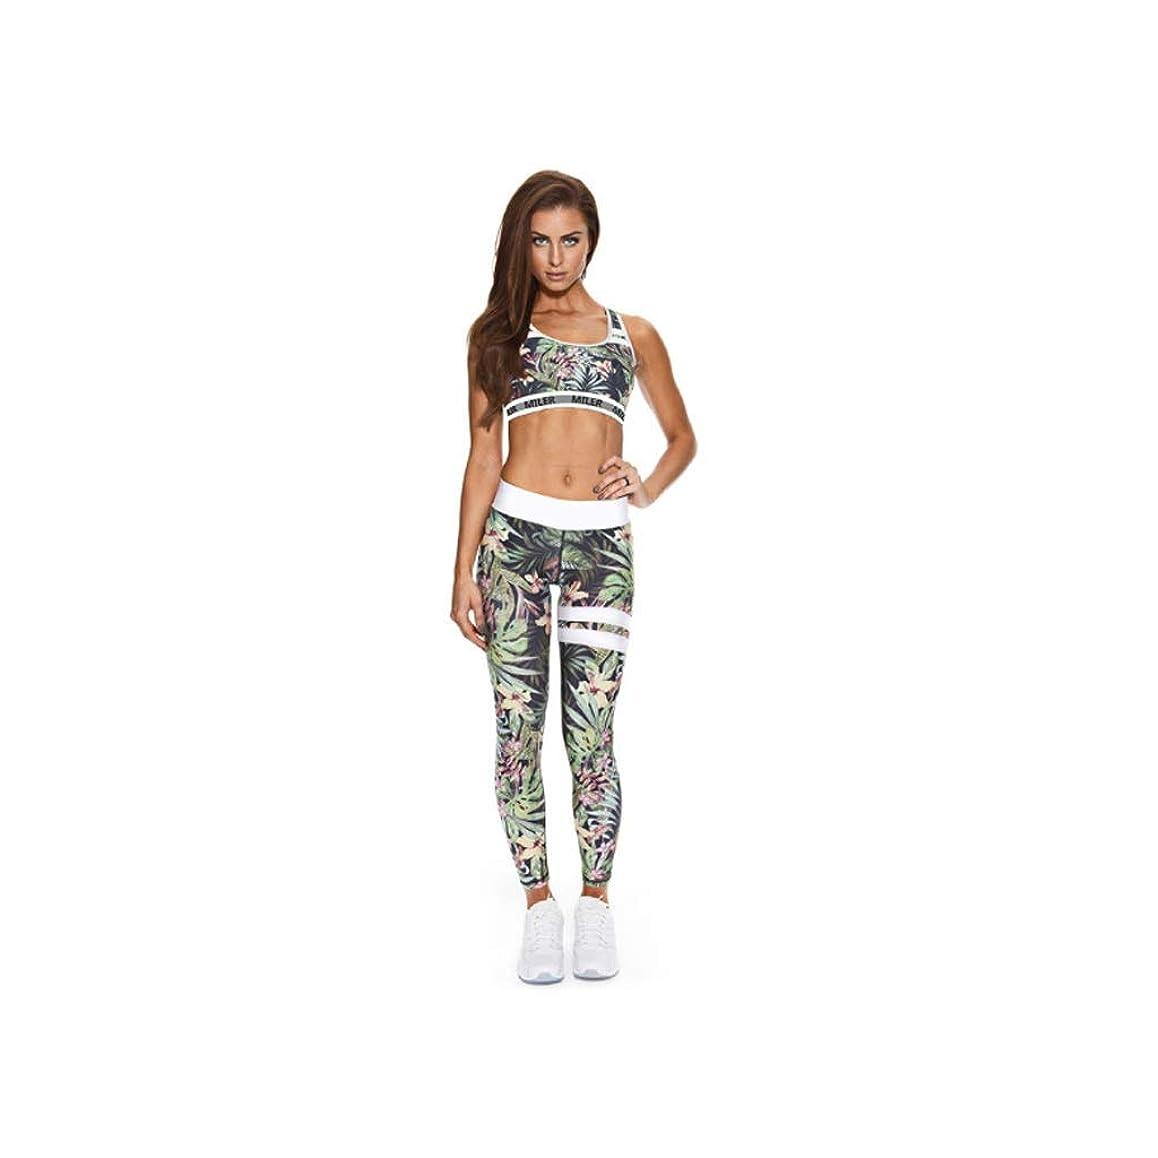 干ばつに頼る偽物女性のヨガウェアランニングスポーツウェア通気性ヨガウェアセットスポーツベストヨガパンツツーピースセット (Color : 1, Size : M)